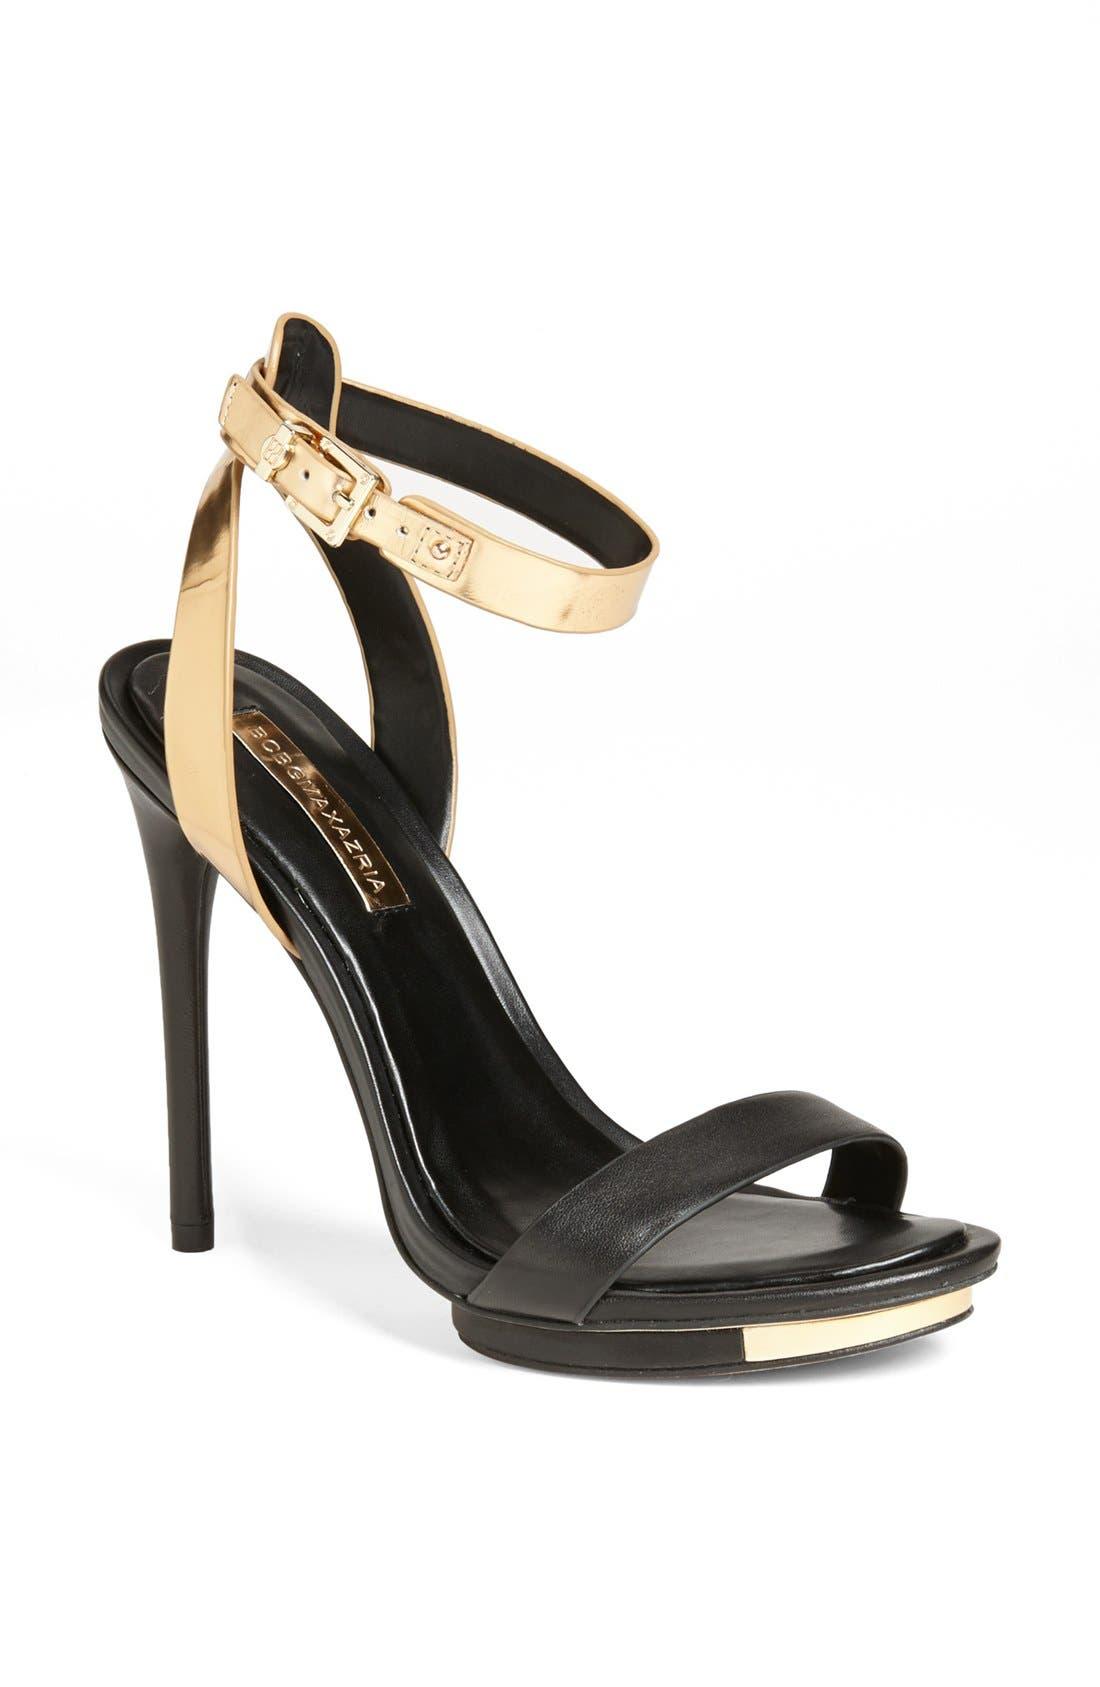 Main Image - BCBGMAXAZRIA 'Finite' Sandal